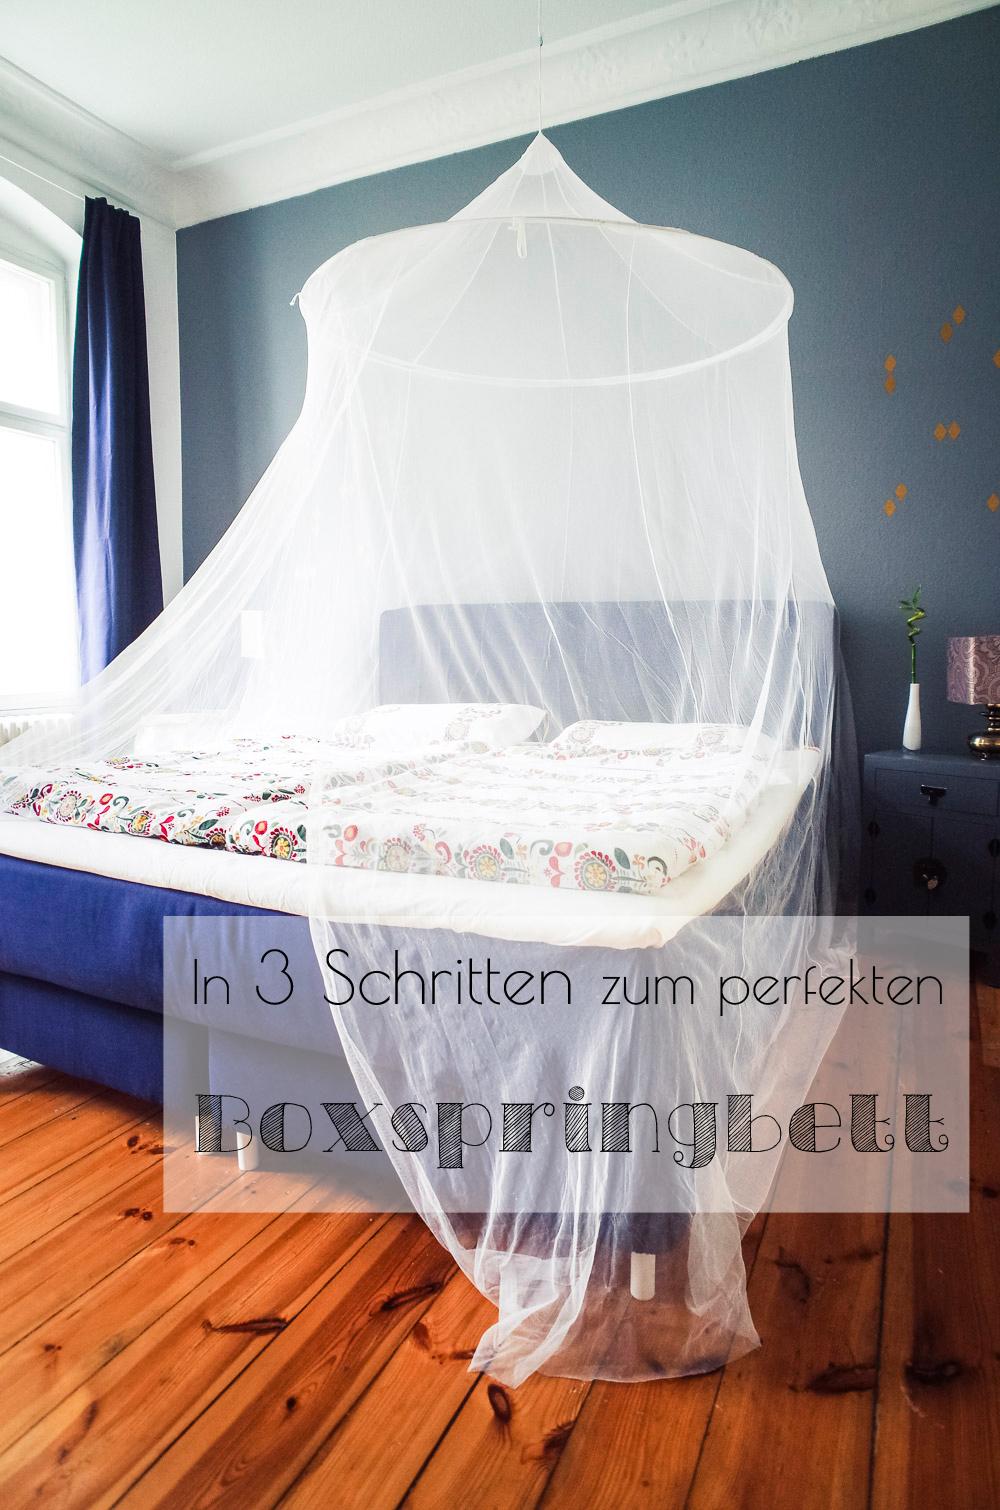 Boxspringbett ikea mjölvik  Unser Boxspringbett von IKEA und das Schlafzimmer-Makeover* - The ...